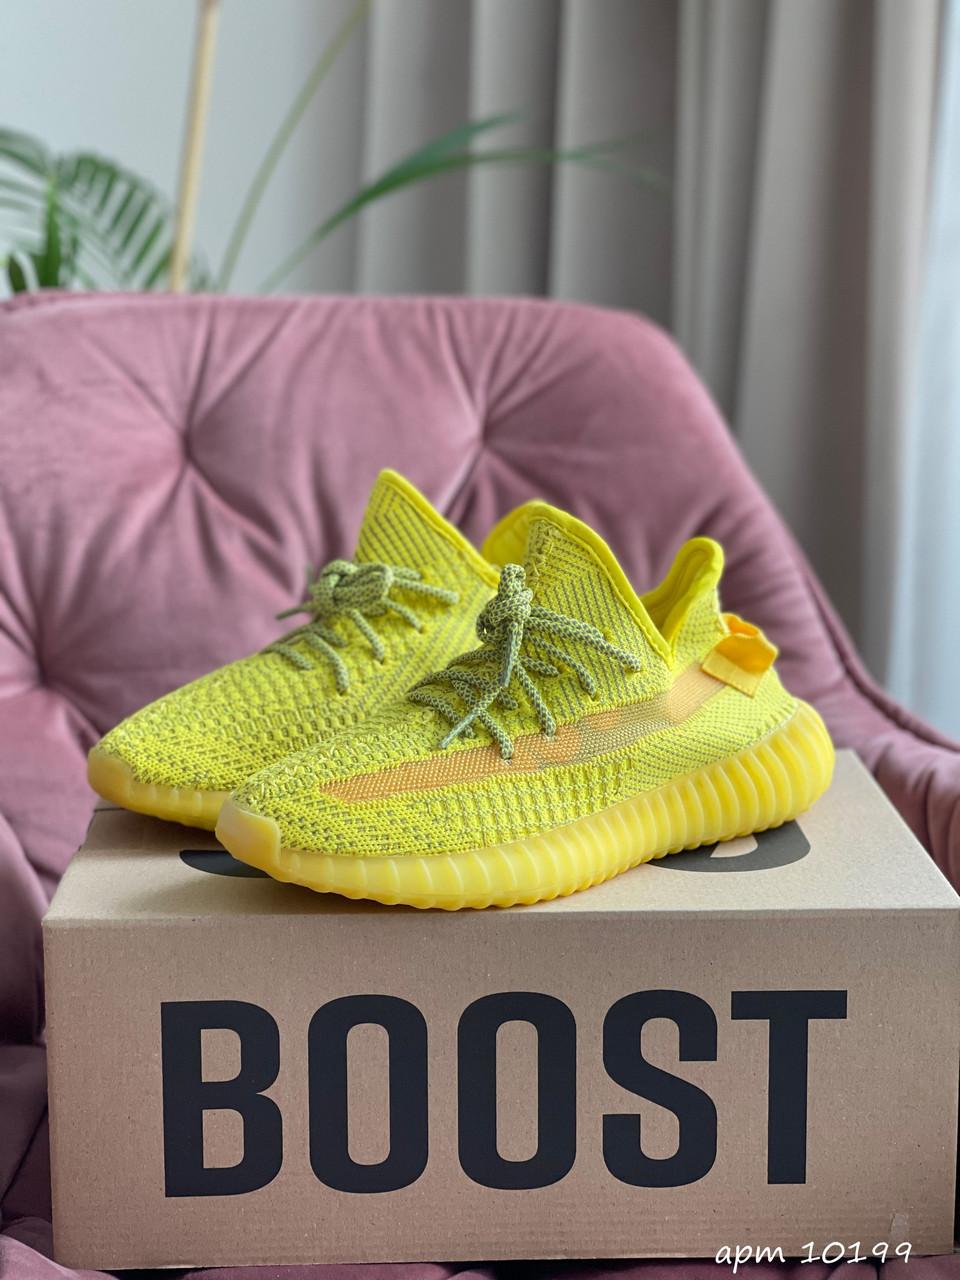 Чоловічі кросівки Adidas Yeezy Boost 350 жовті / Адідас Ізі 350 (Топ репліка ААА+)